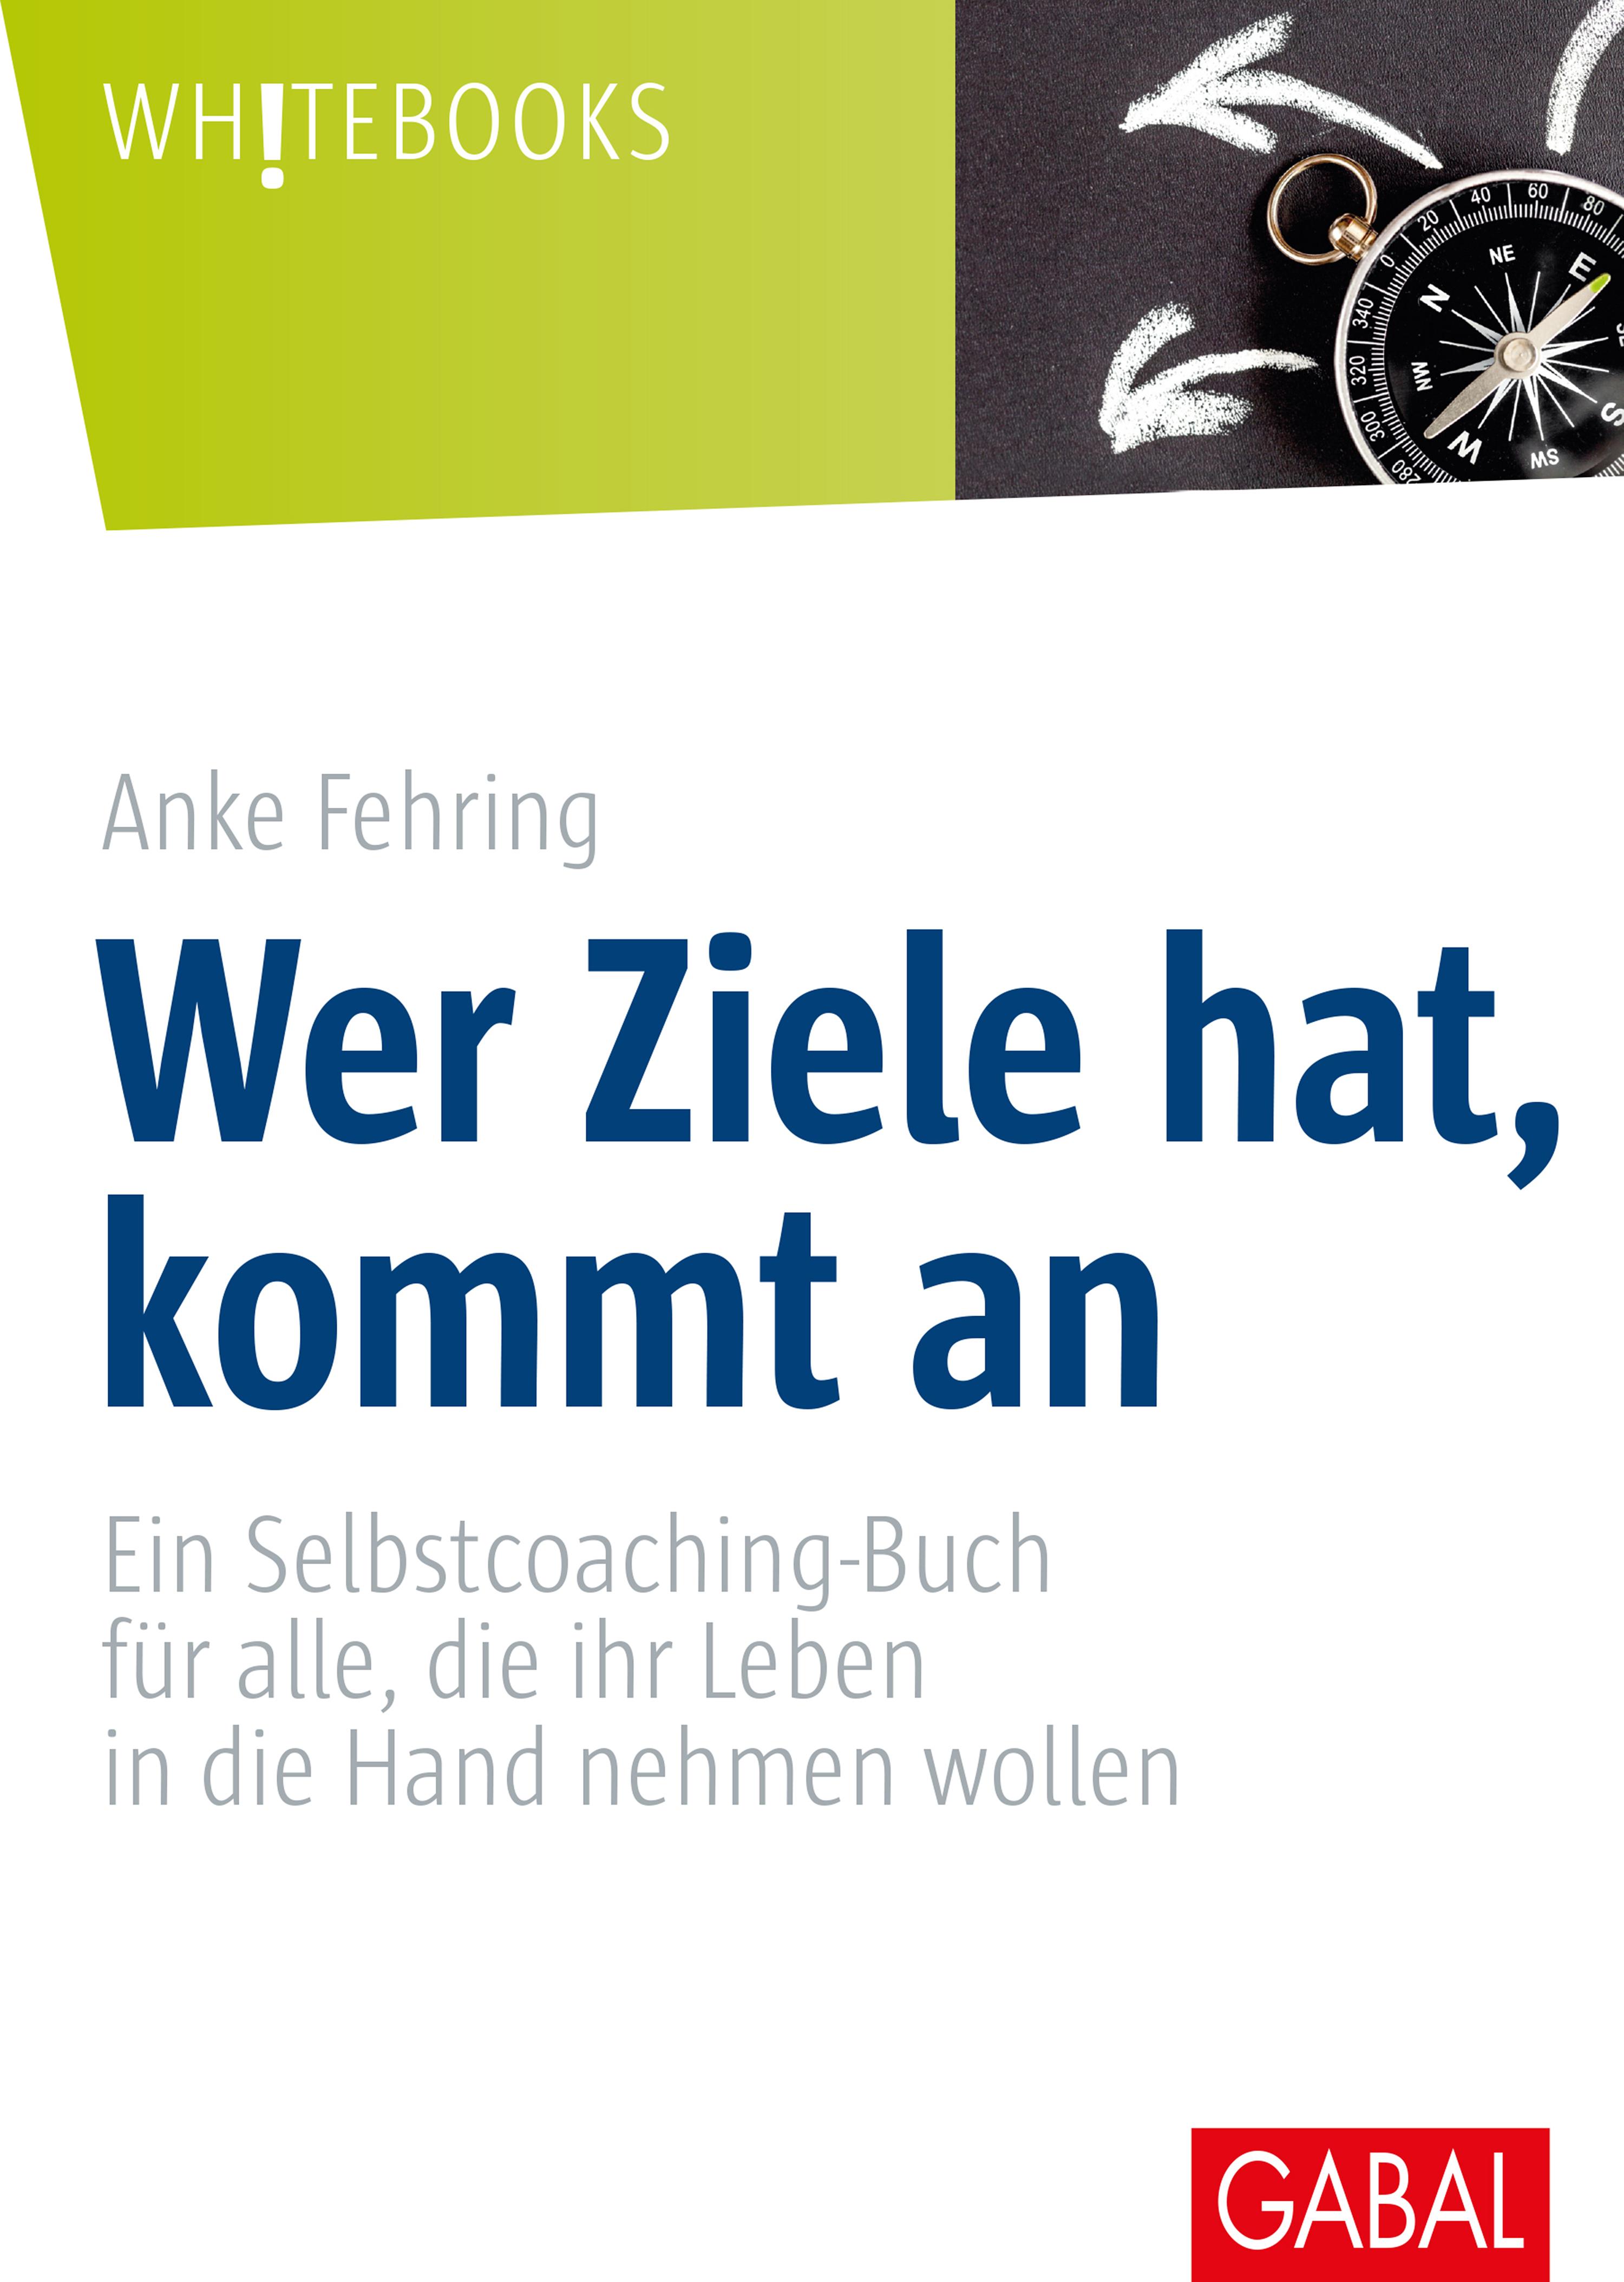 Großartig Karrierewechsel Setzt Ziele Um Galerie - Ideen Wieder ...